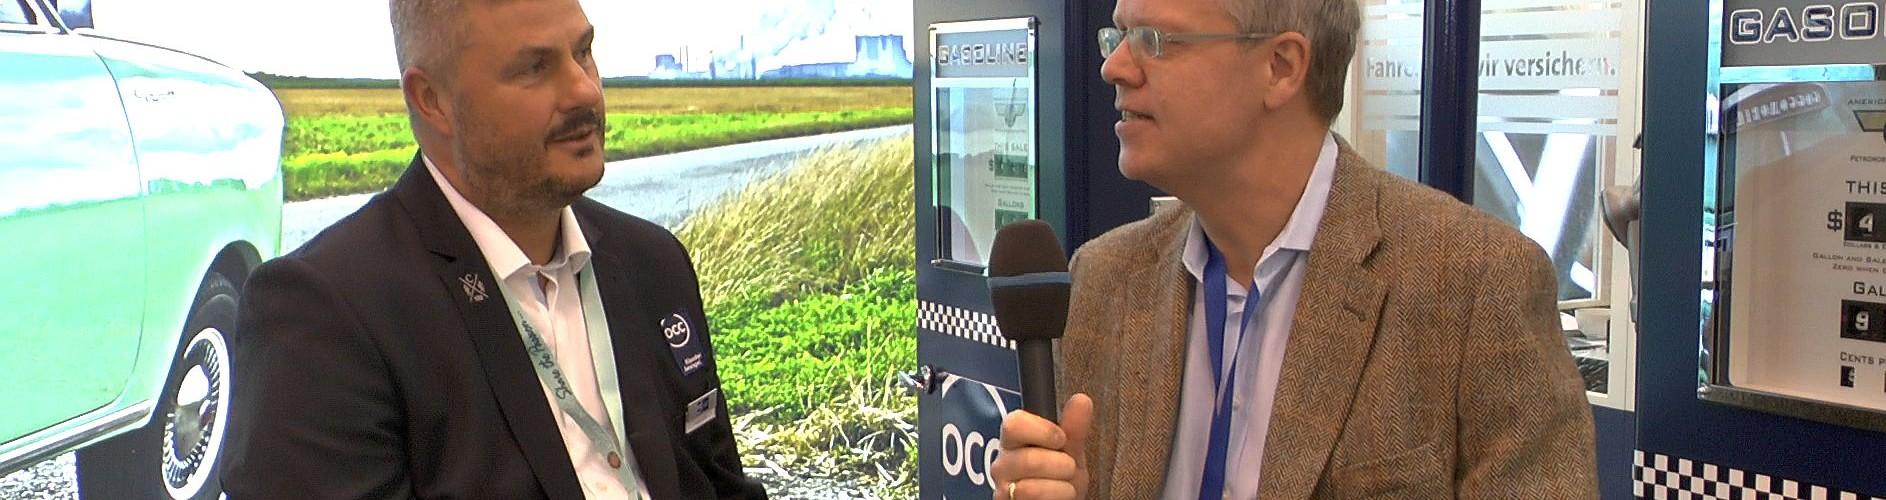 carsten-moeller-occ-interview-teil-der-maschine-techno-classica-2017